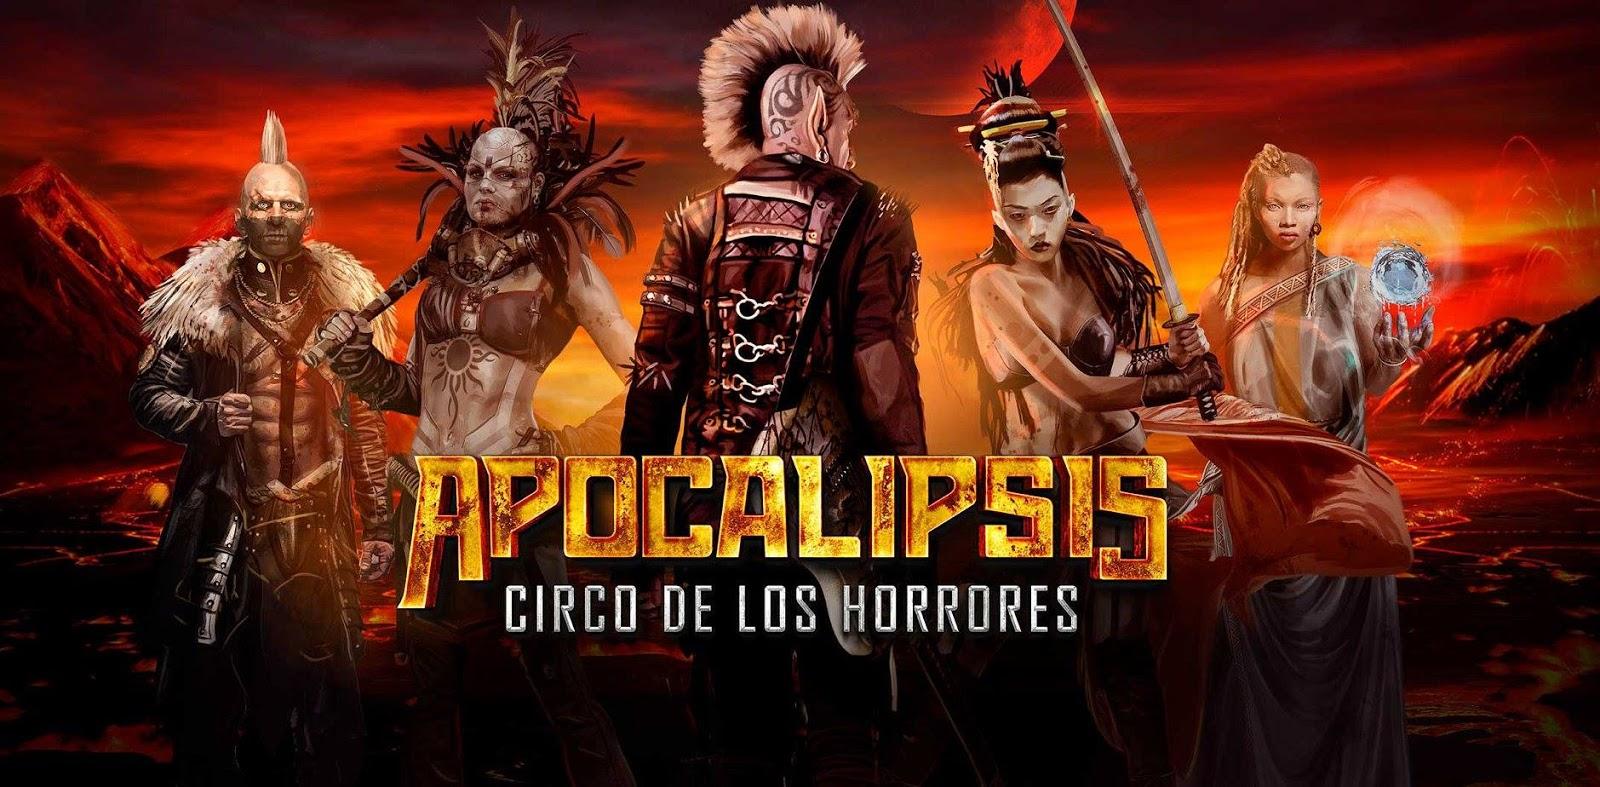 Resultado de imagen de el circo de los horrores apocalipsis